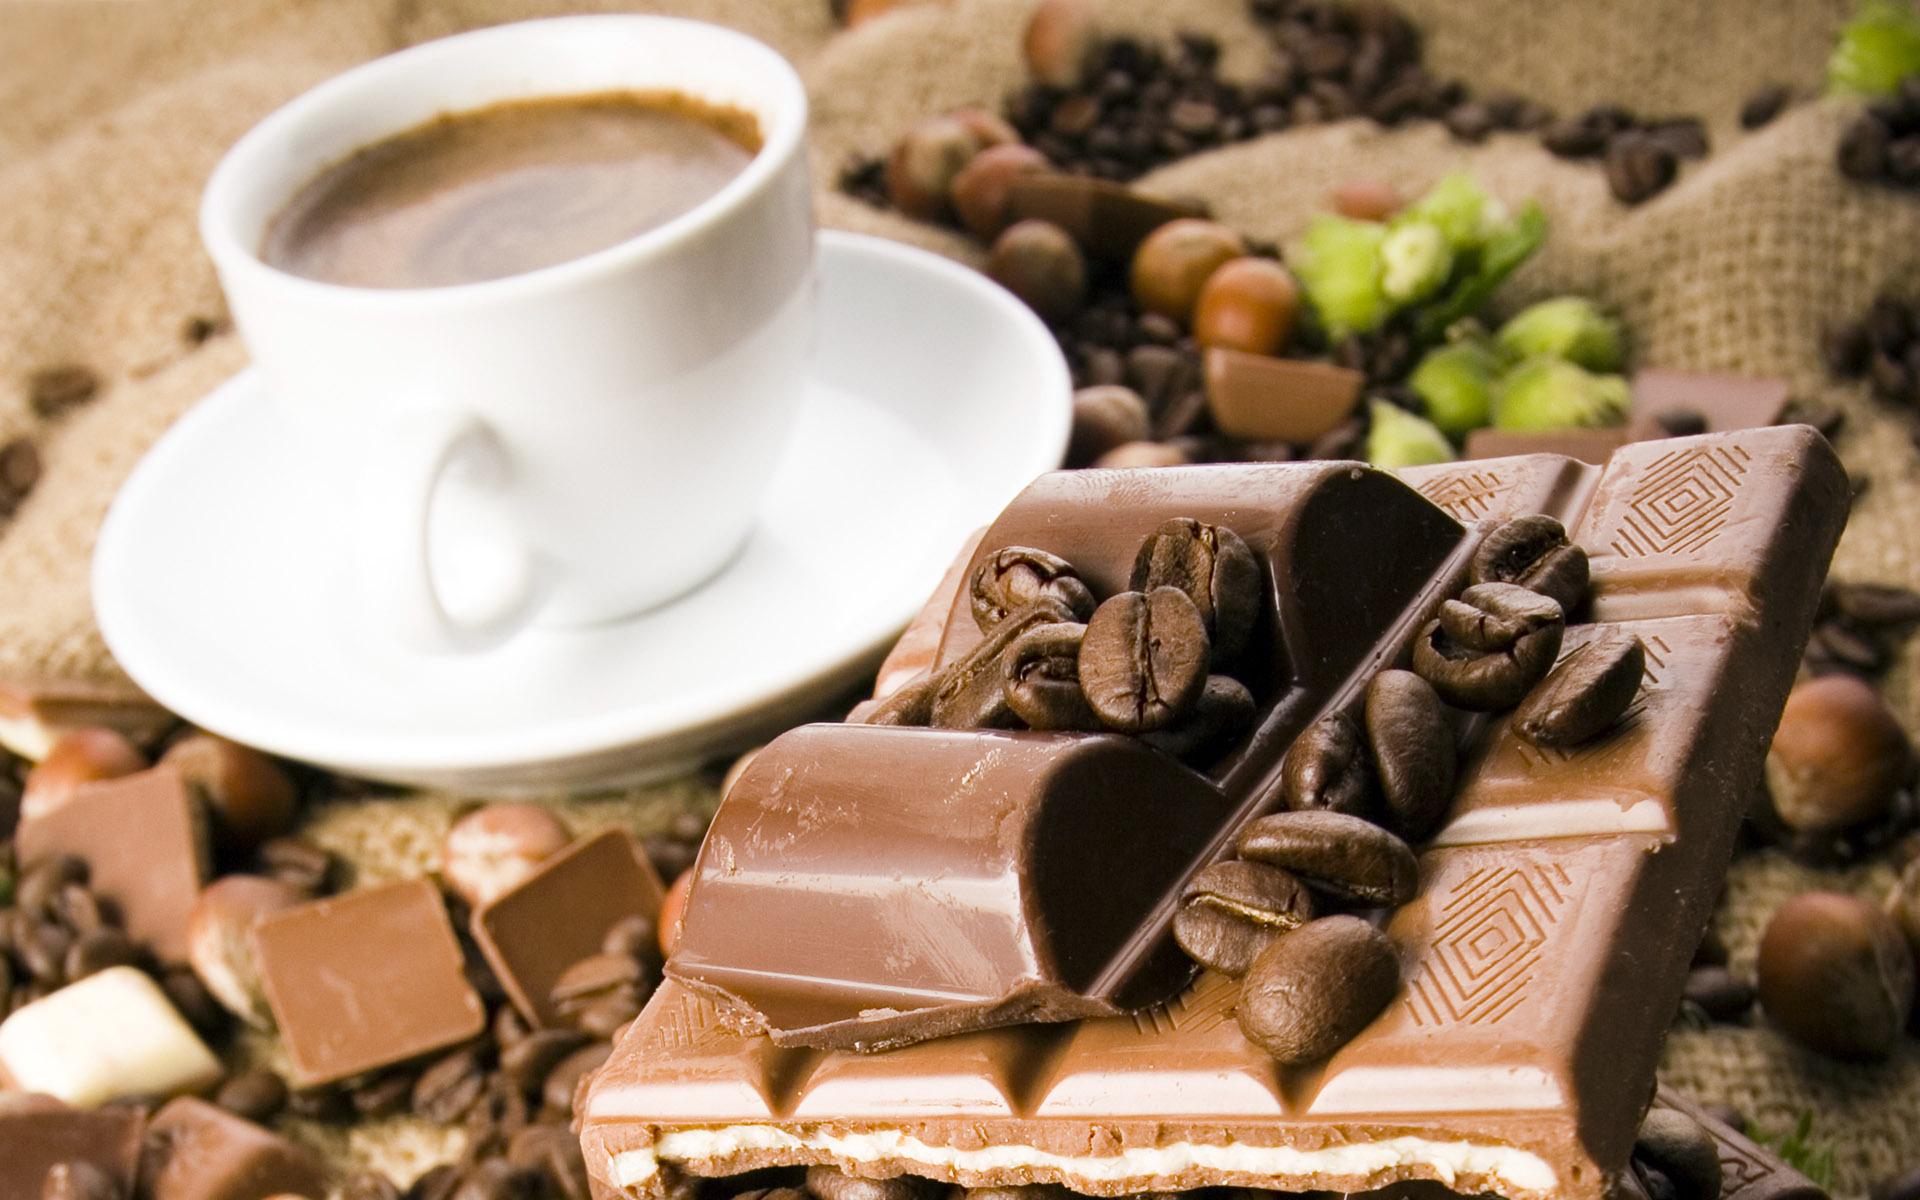 обои на рабочий стол чашка кофе и шоколад № 246783 загрузить